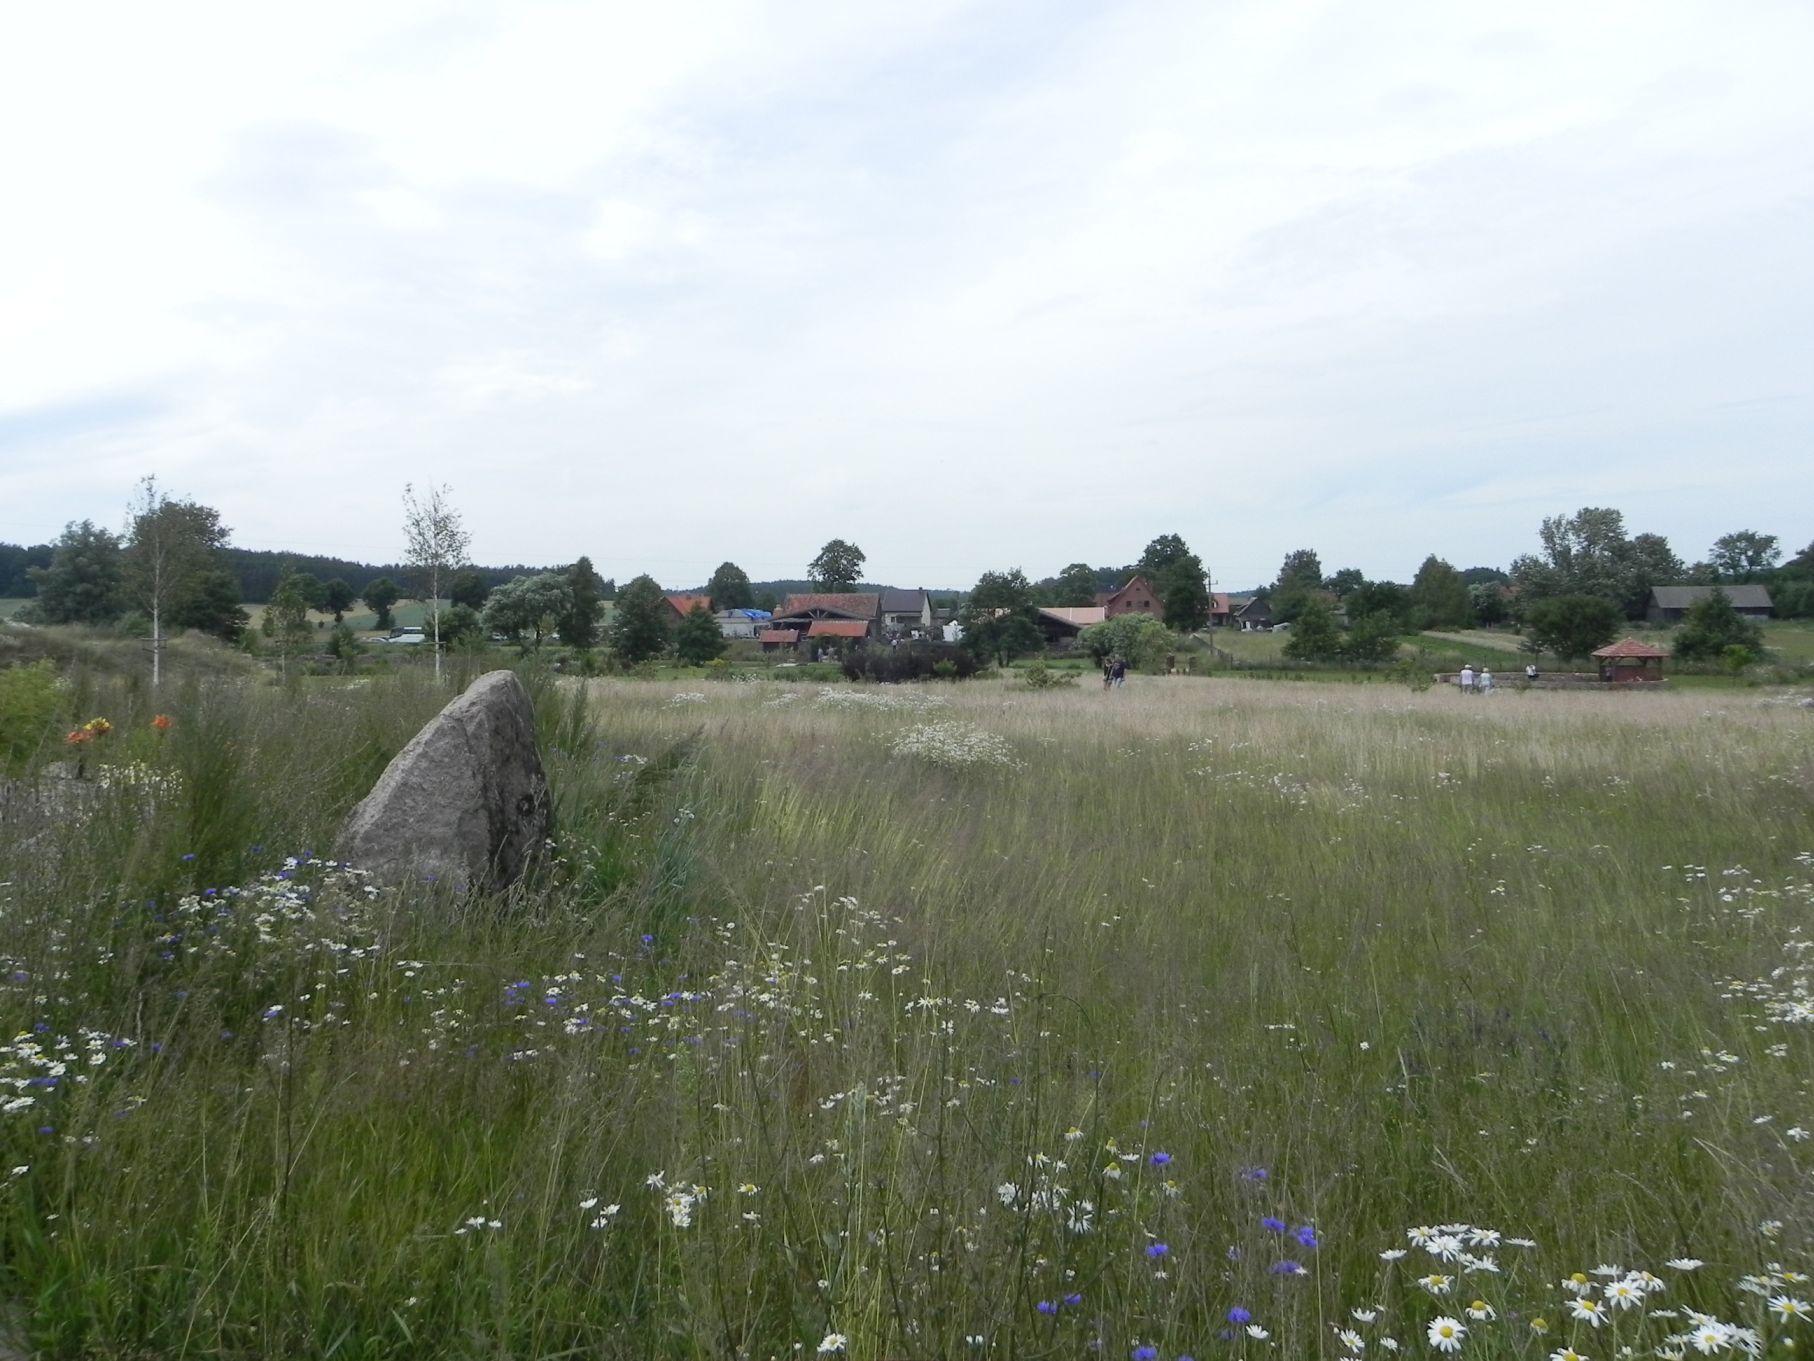 Kamionka - wioski tematyczne (75)